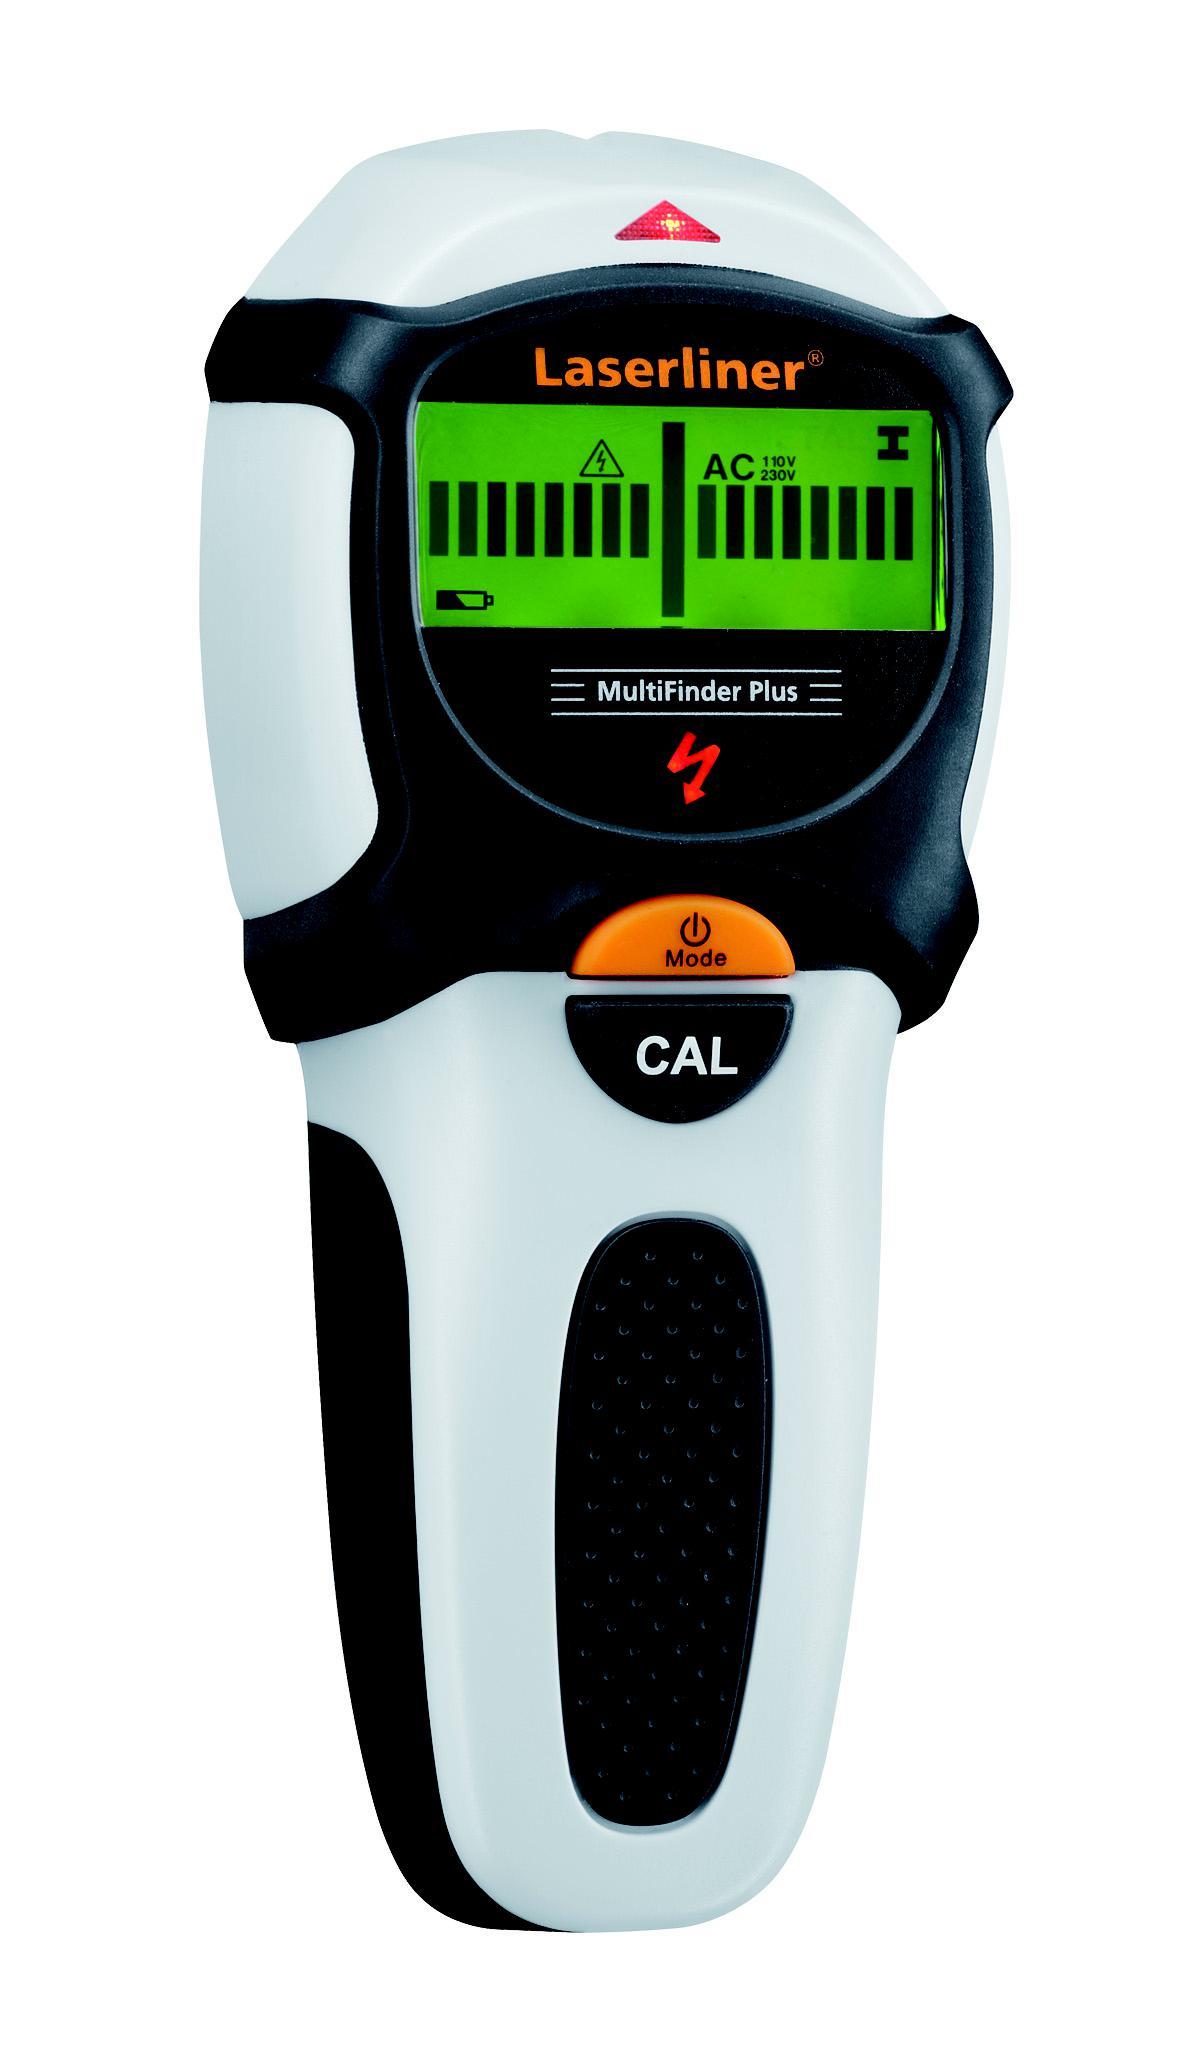 Детектор Laserliner Multifinderplus детектор скрытой проводки кратон 30мм